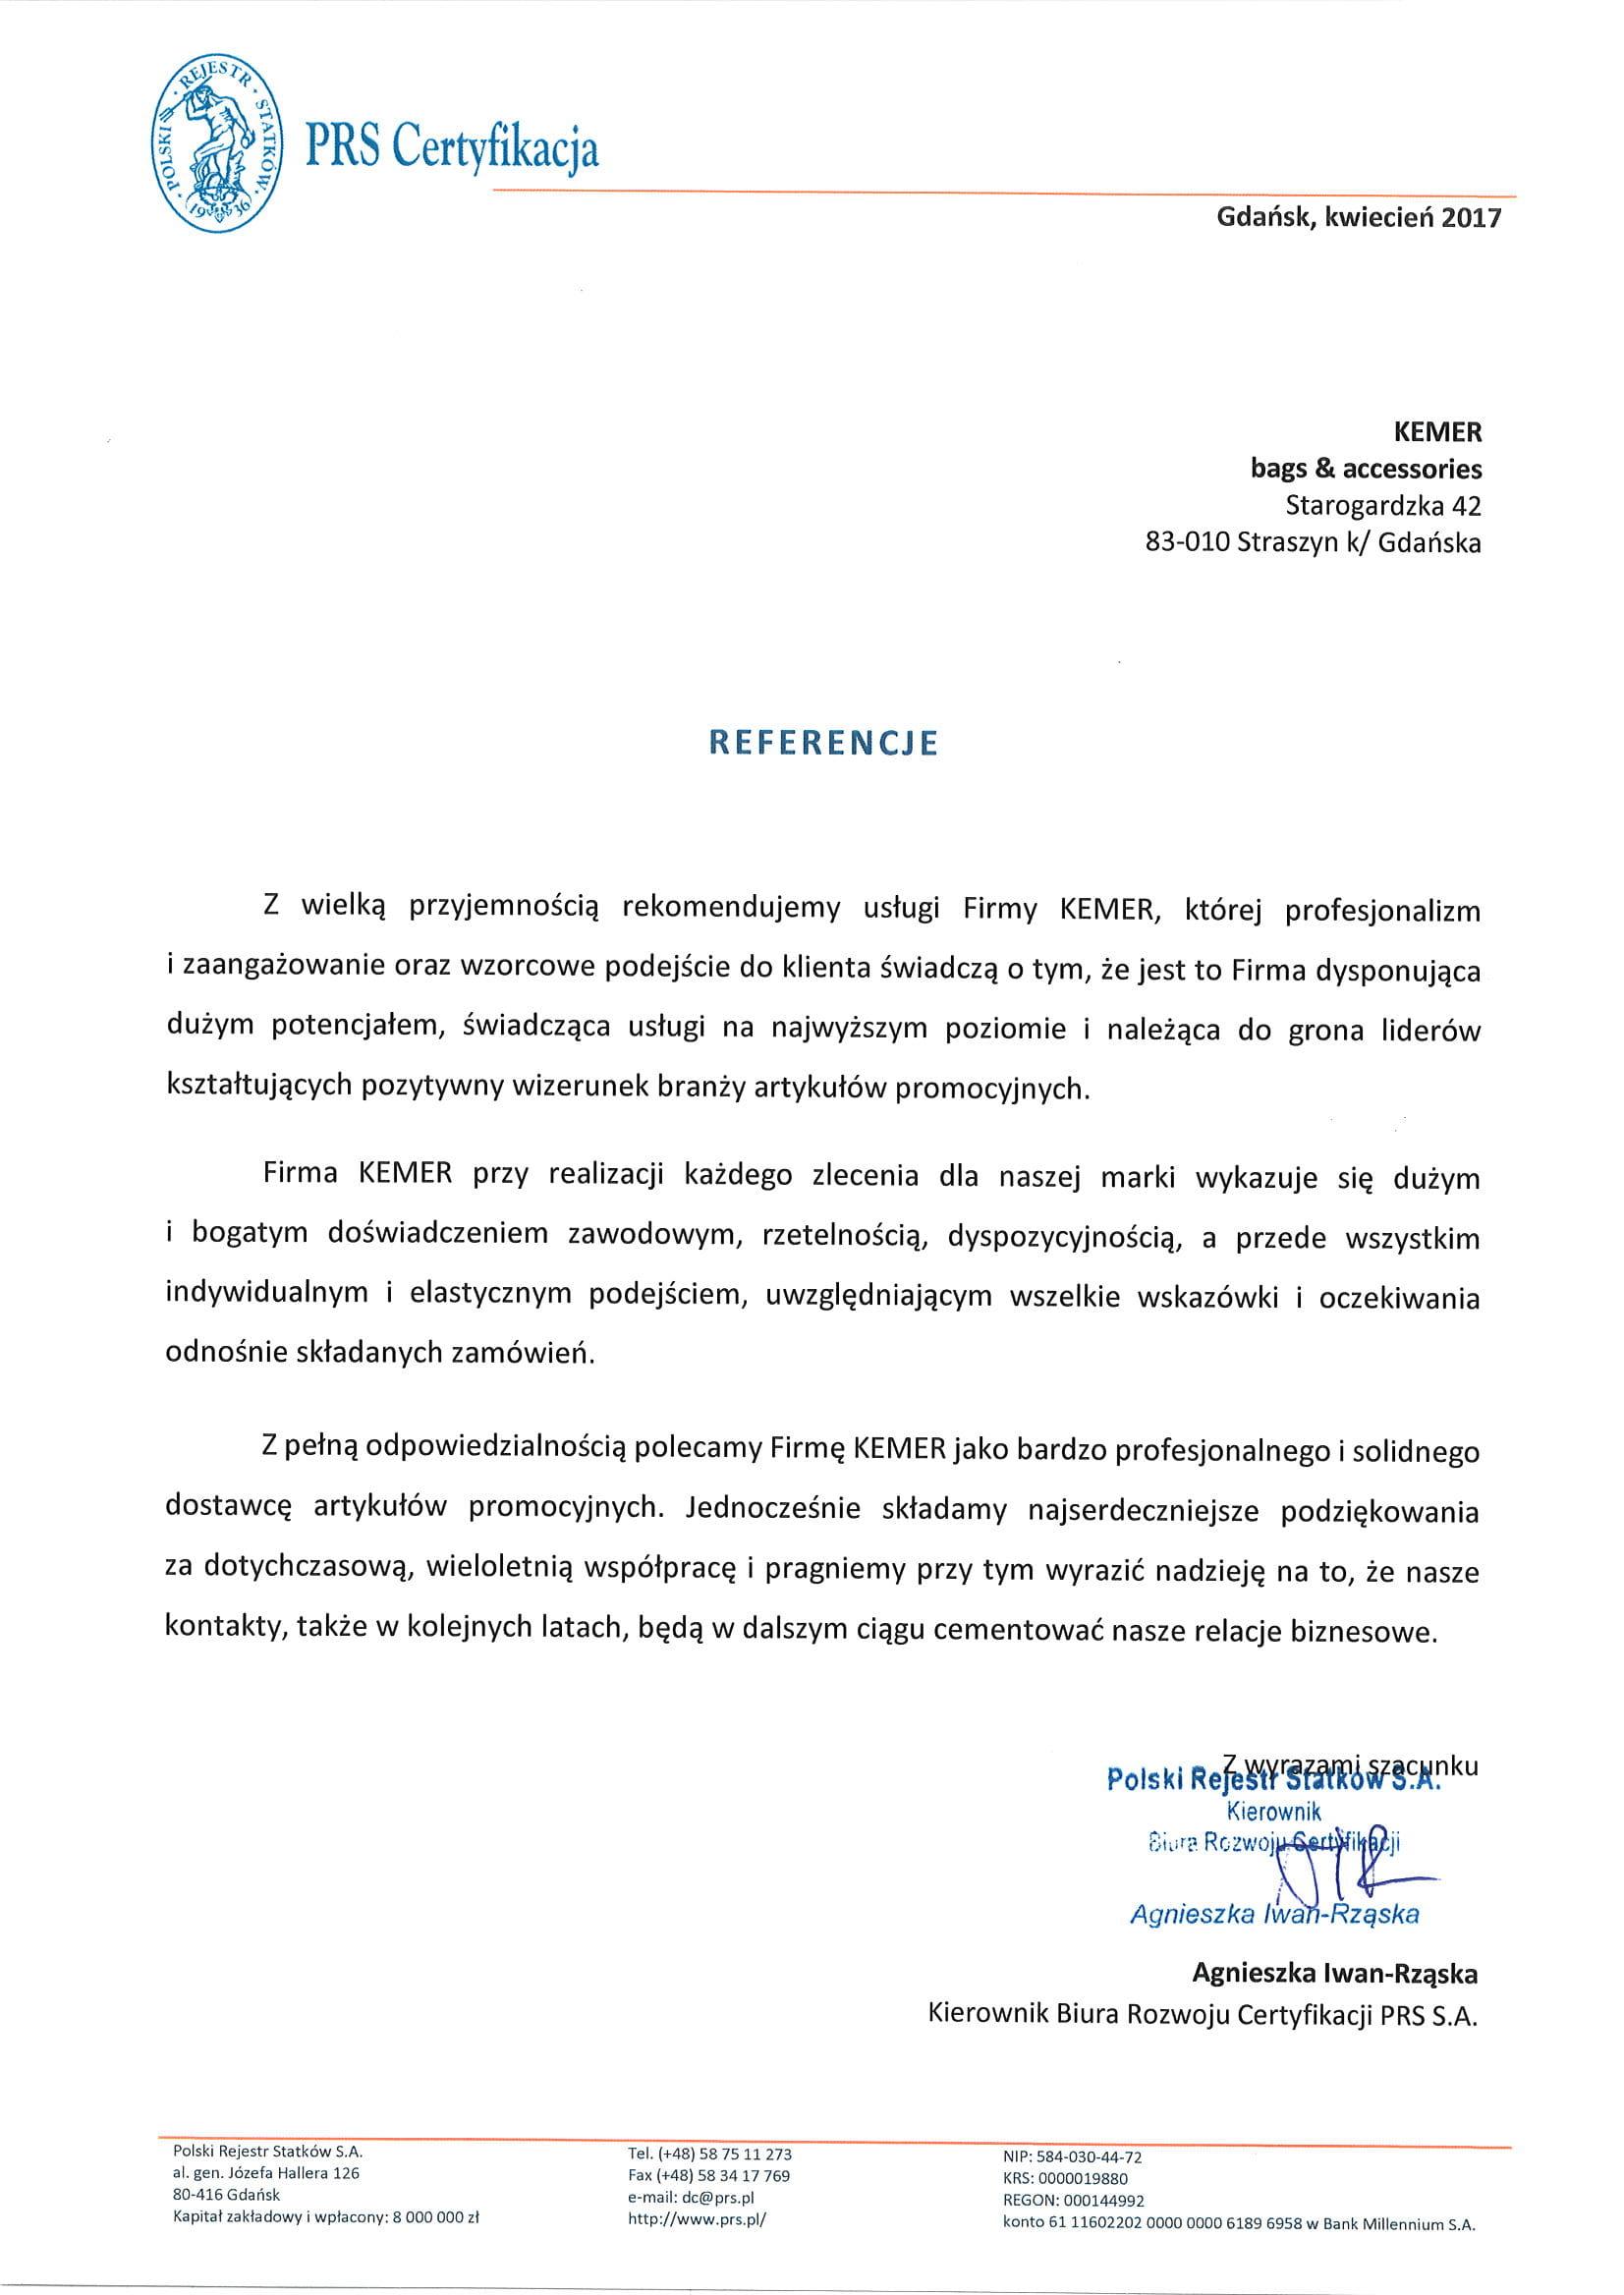 PRS Certyfikacja